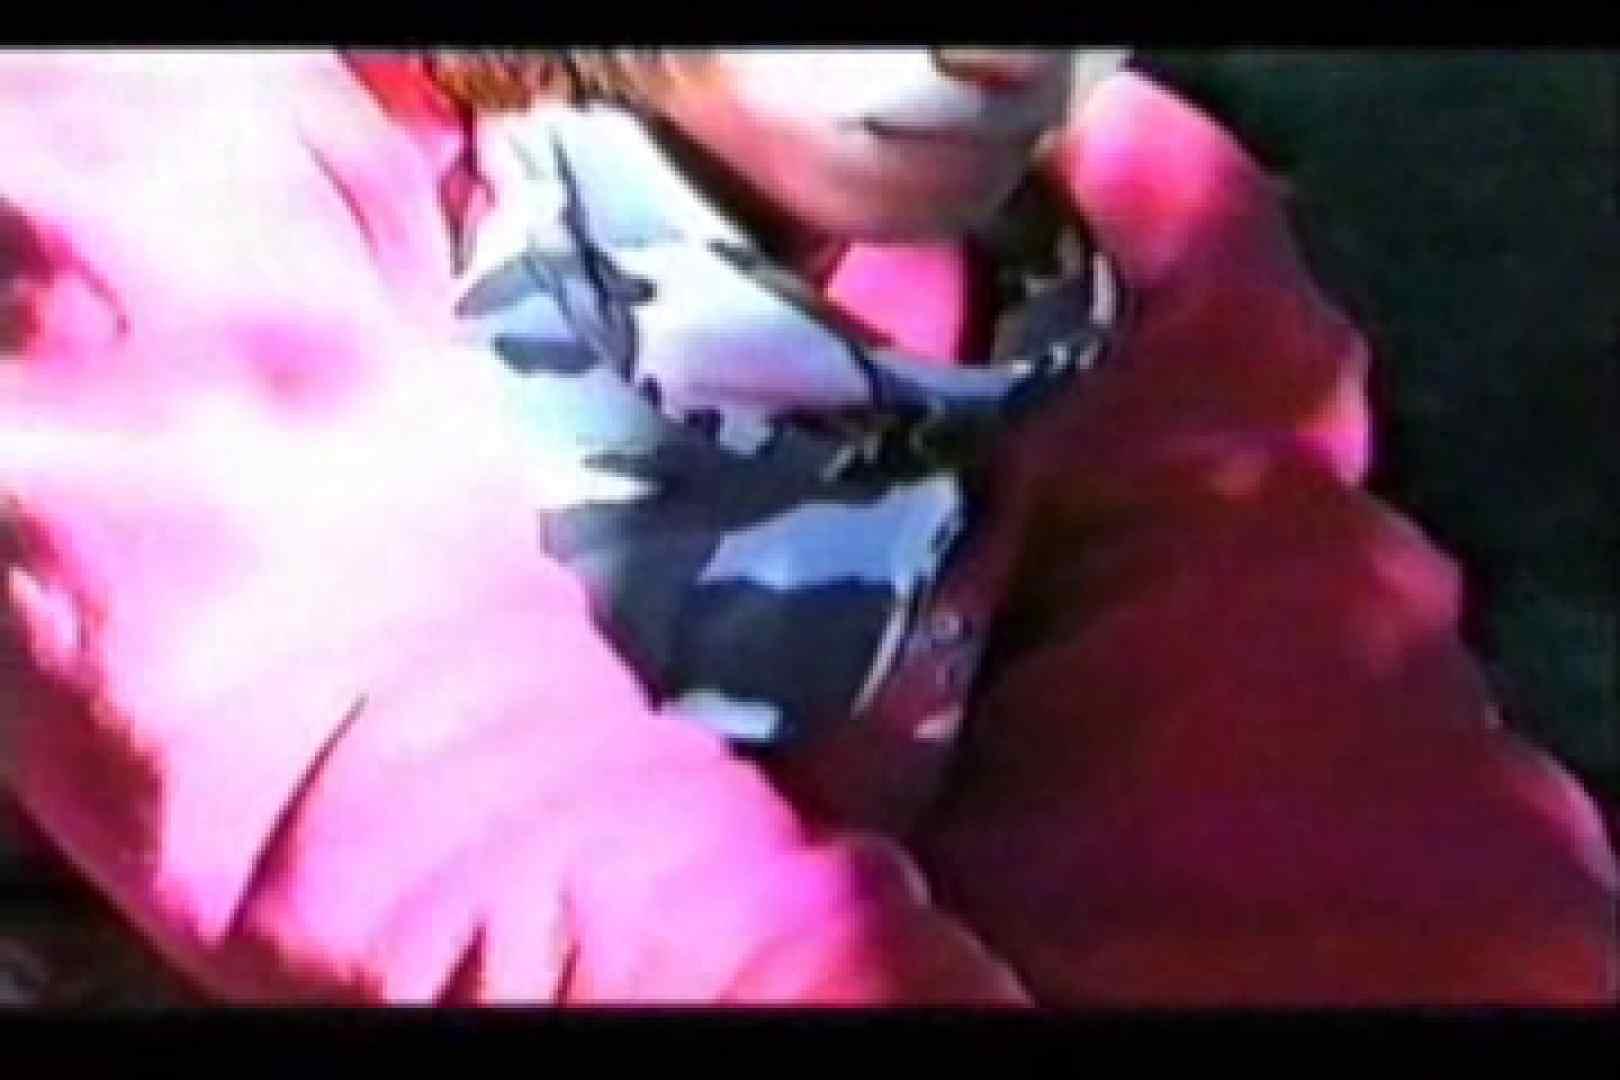 オールドゲイシリーズ  美少年ひかるのオープンファック 野外露出動画 ゲイ無修正画像 46pic 21